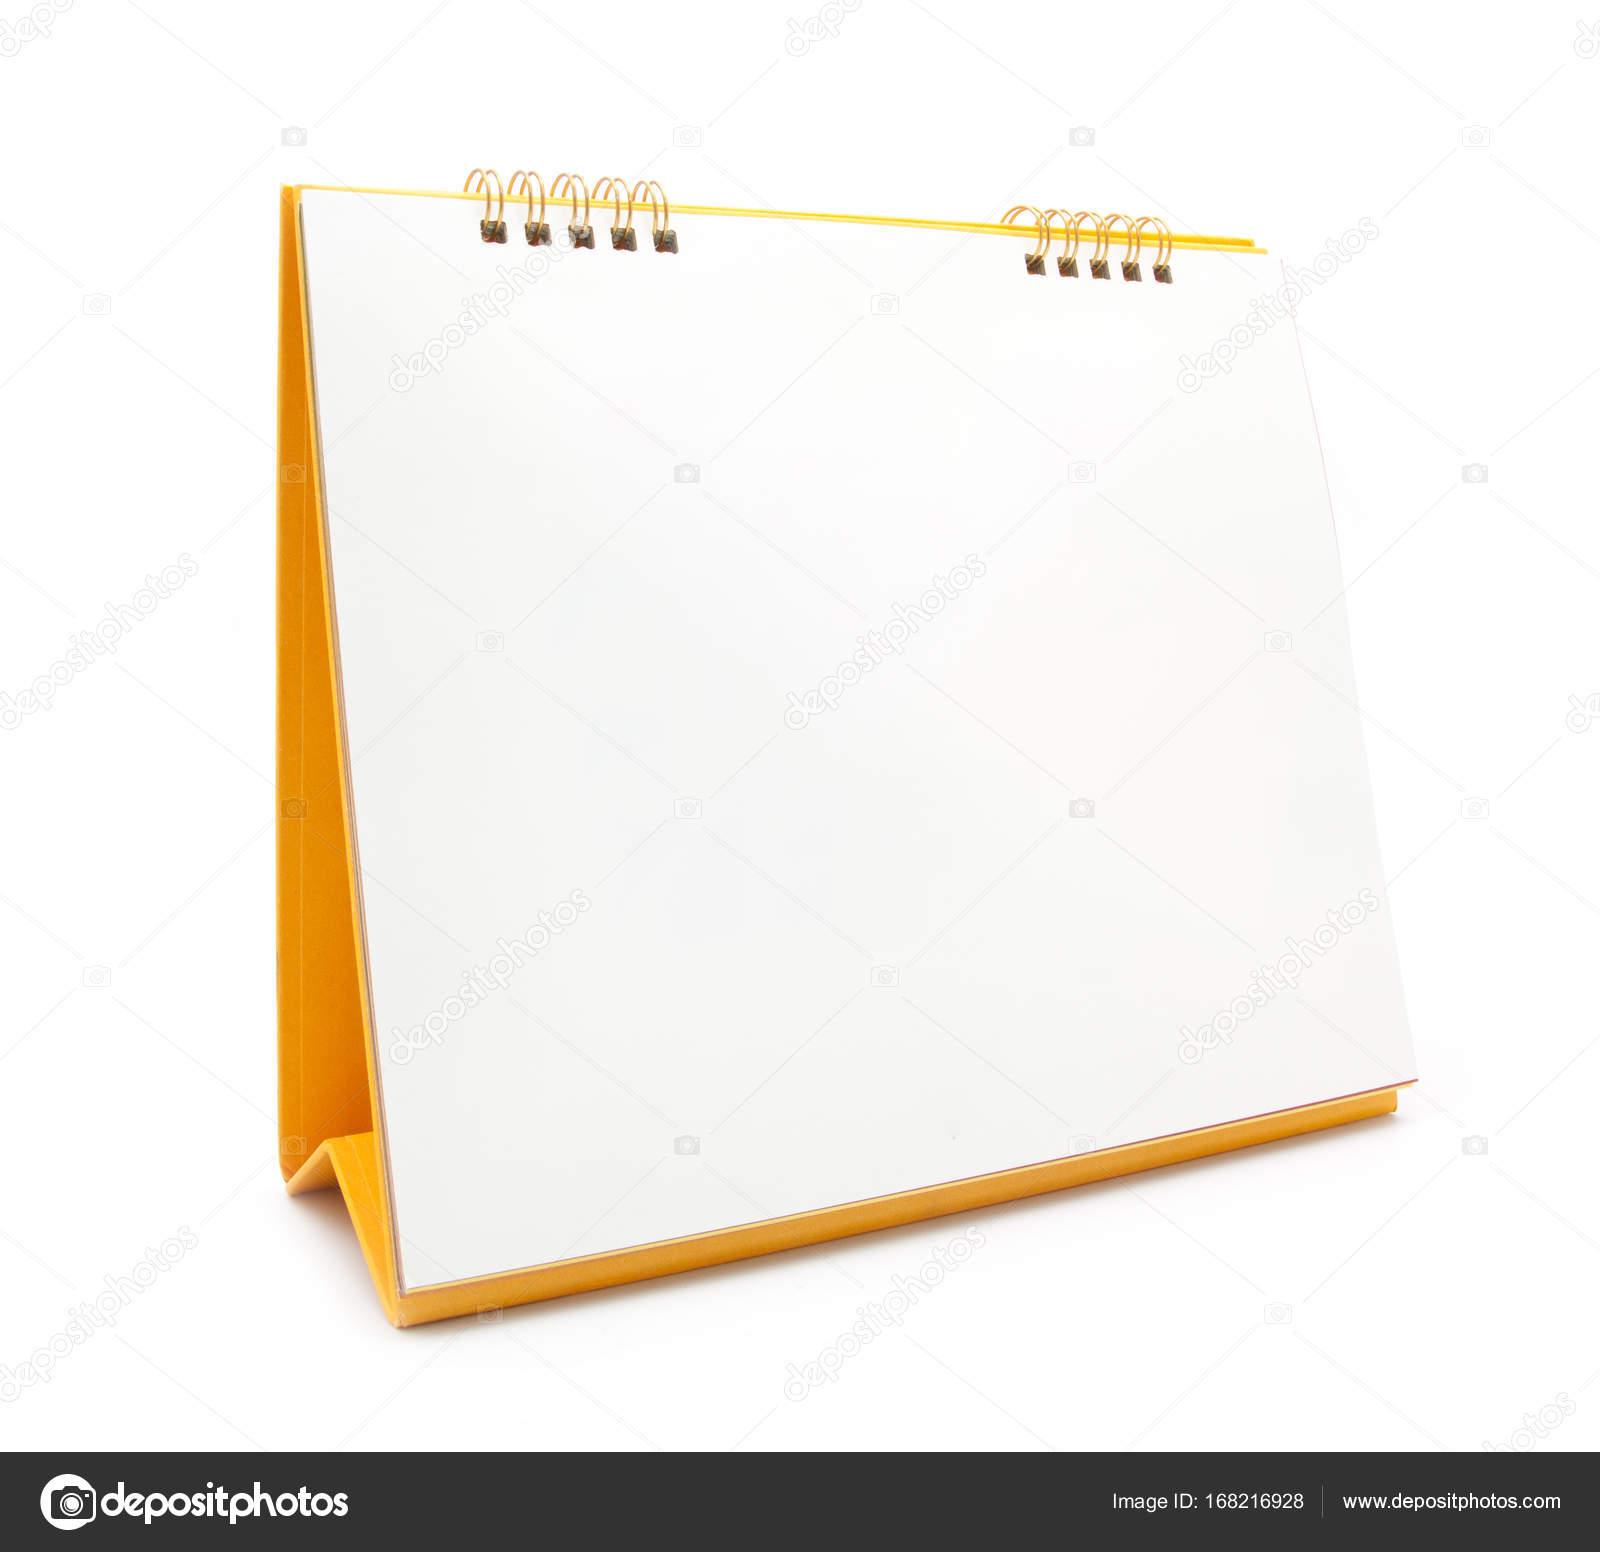 calendrier de bureau jaune isol sur blanc photographie onairjiw 168216928. Black Bedroom Furniture Sets. Home Design Ideas